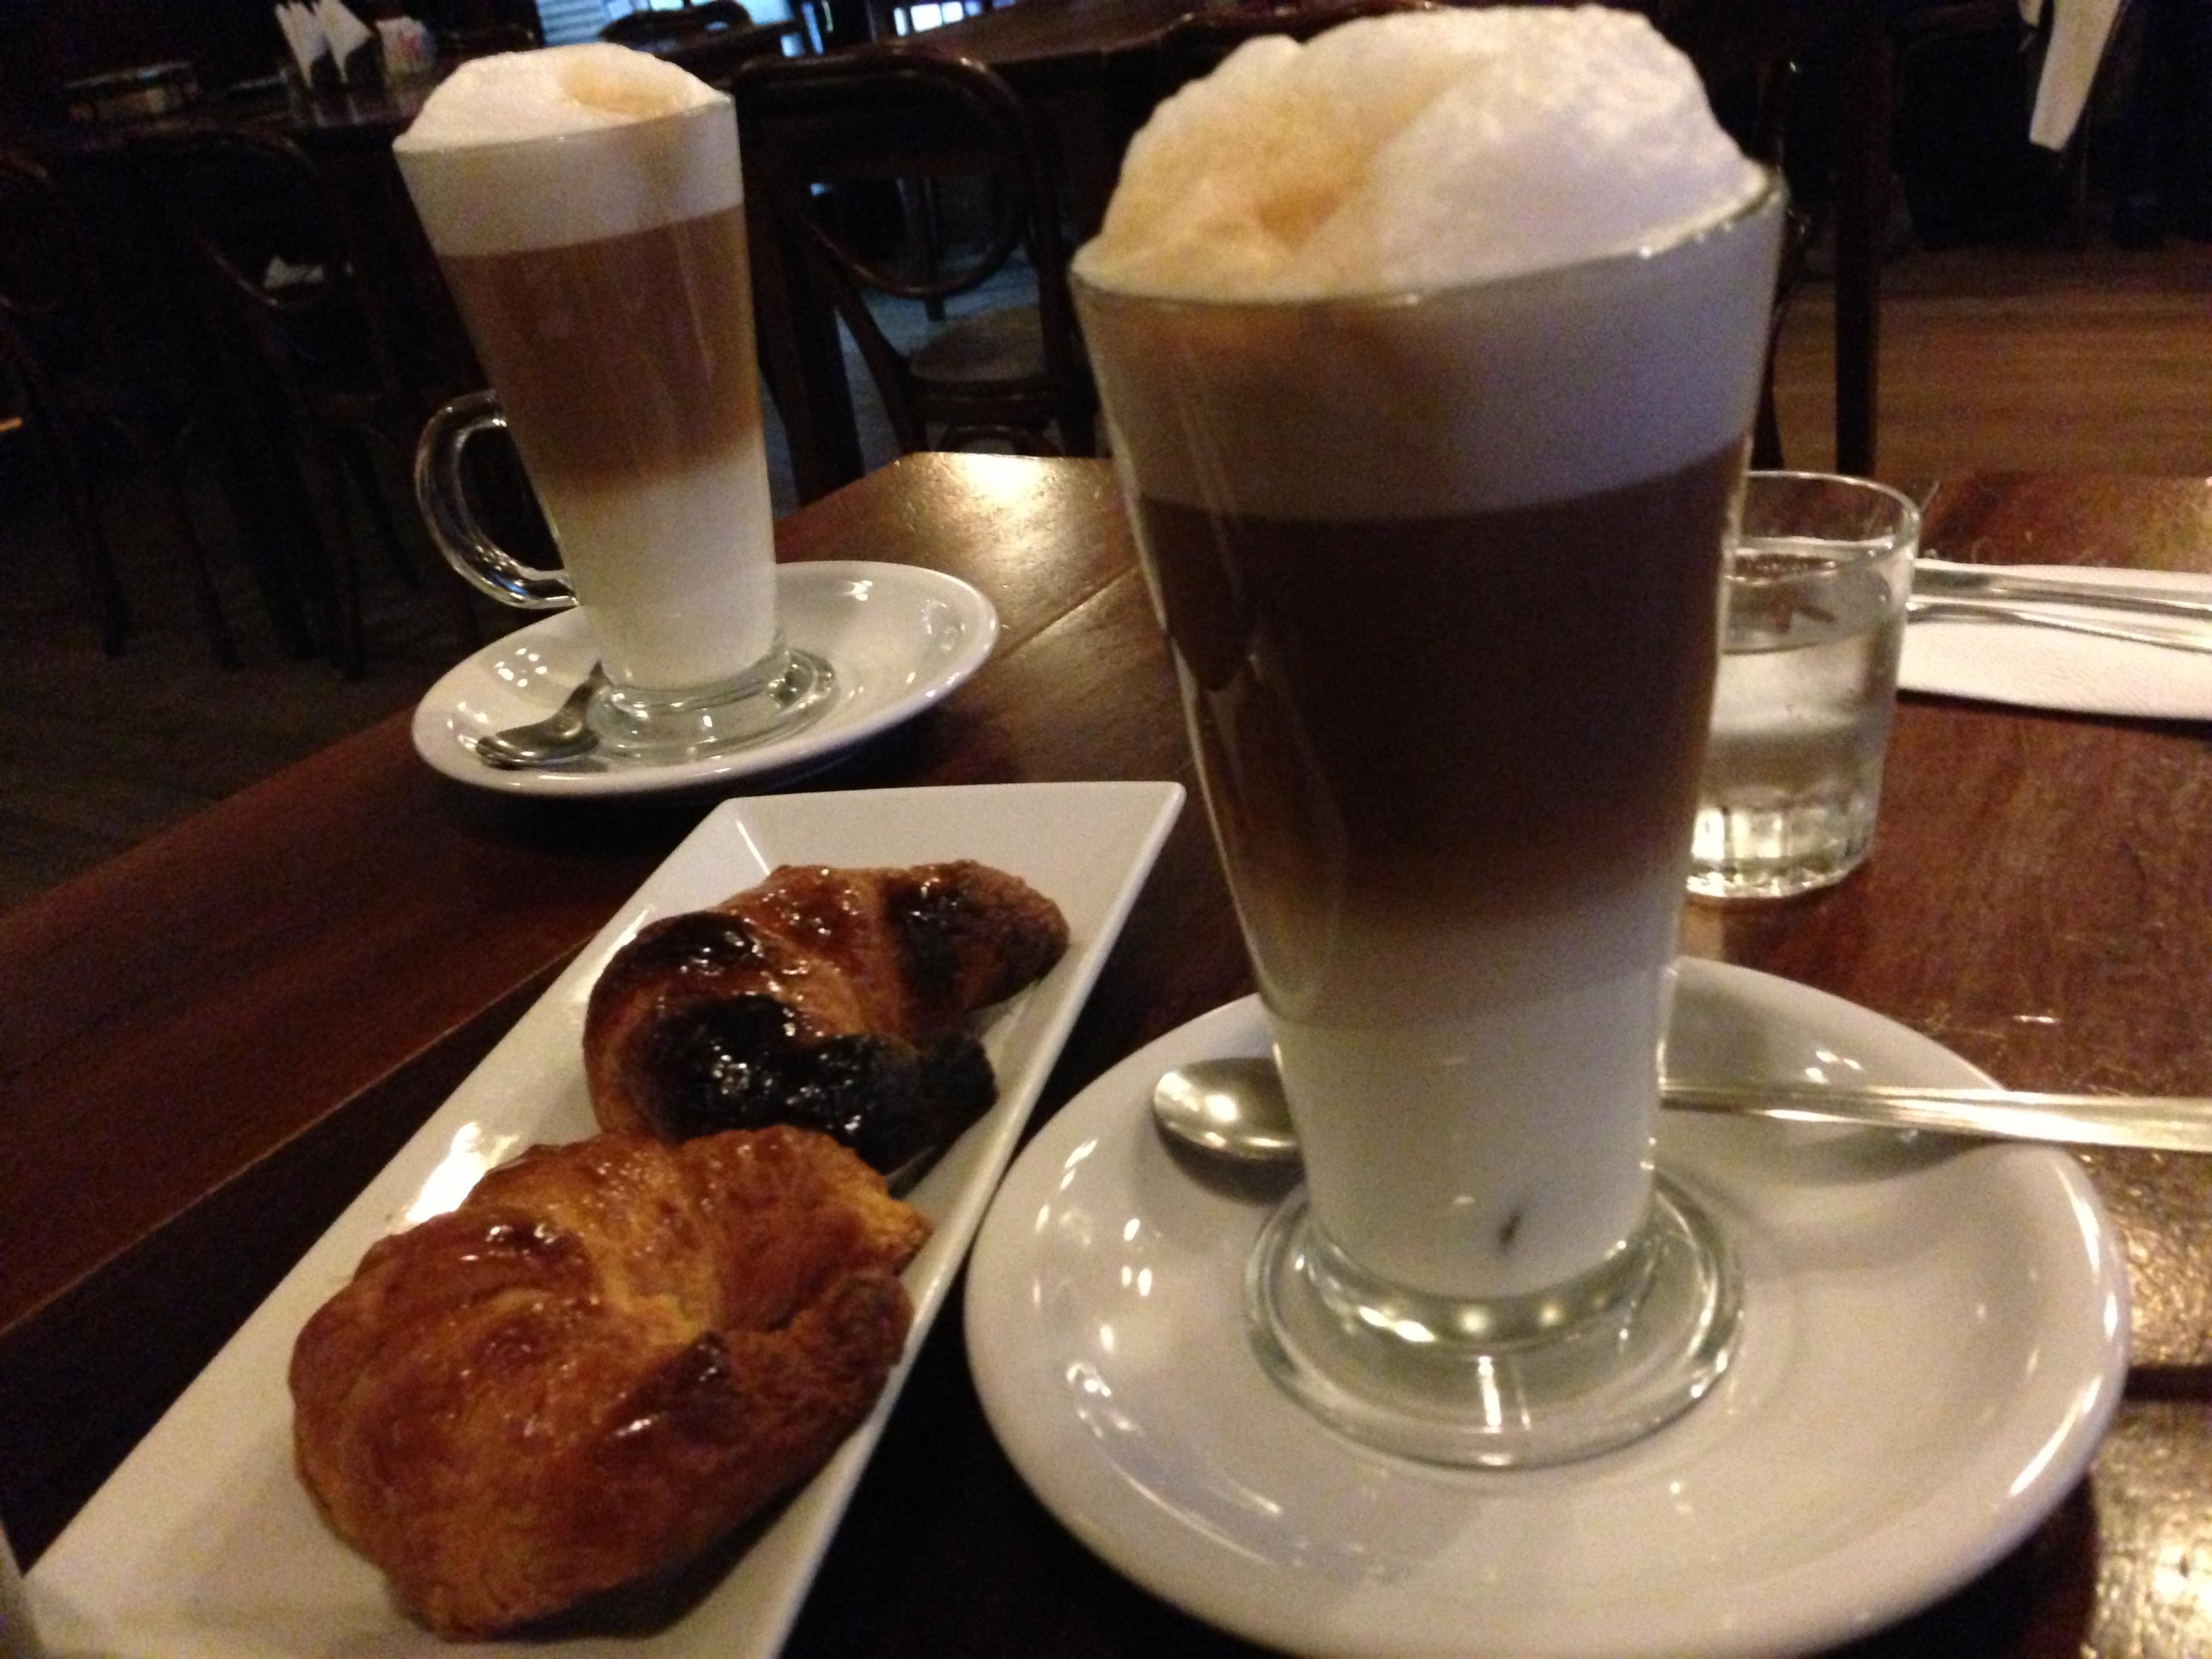 Pesquisa de Comércio Exterior SEBRAE: Café – Produto: Café em Grãos - Não Torrado Descafeinado e Não Descafeinado